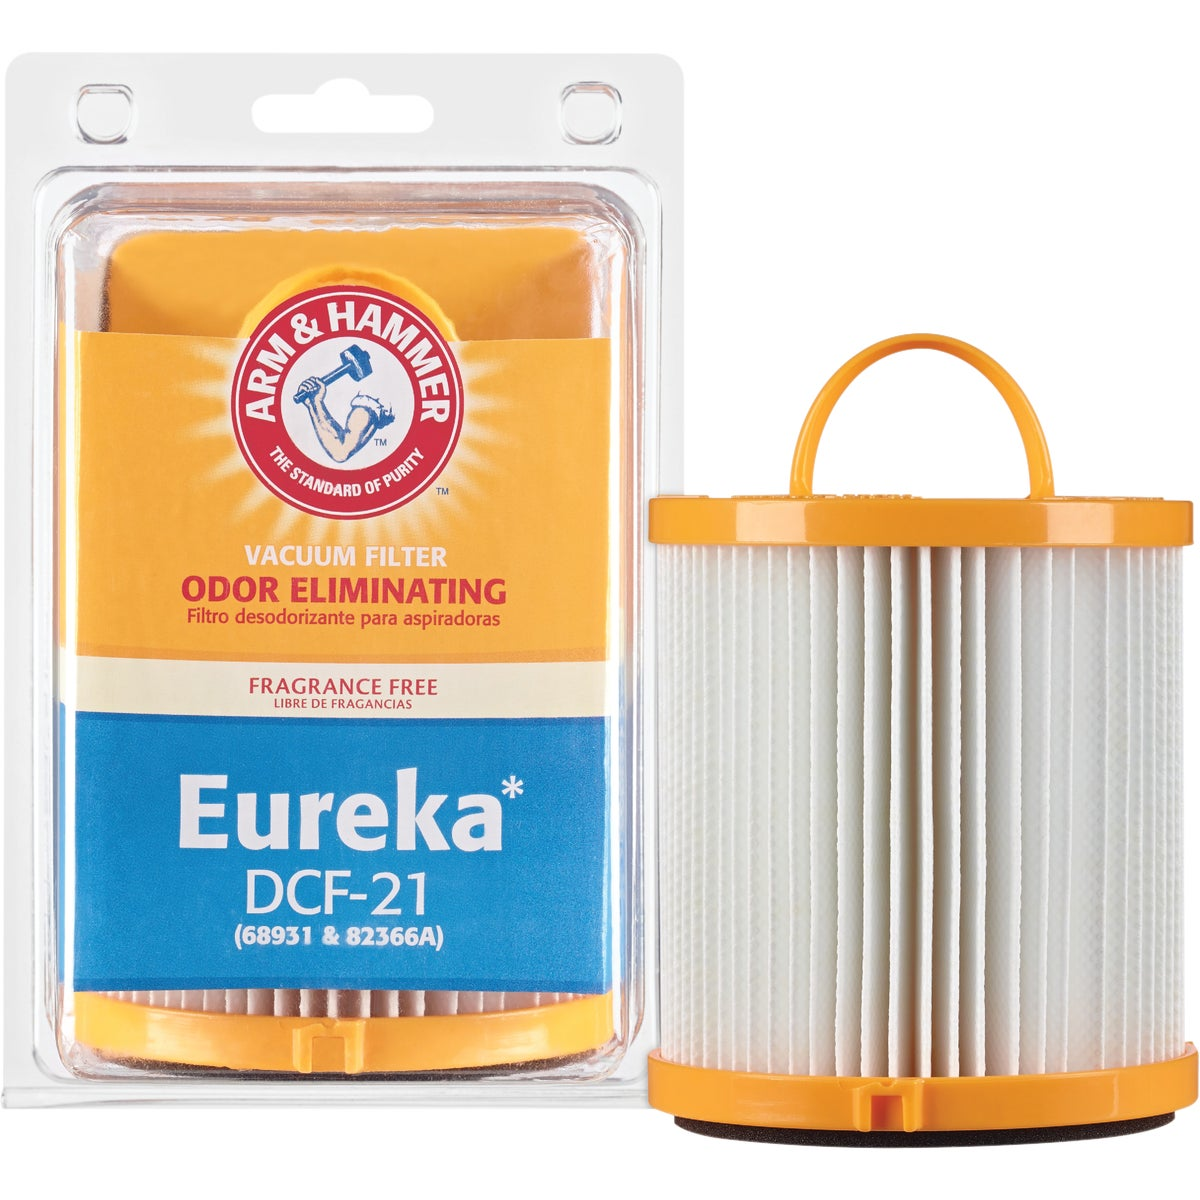 Eureka DCF-25 Vacuum Filter, 67600-2